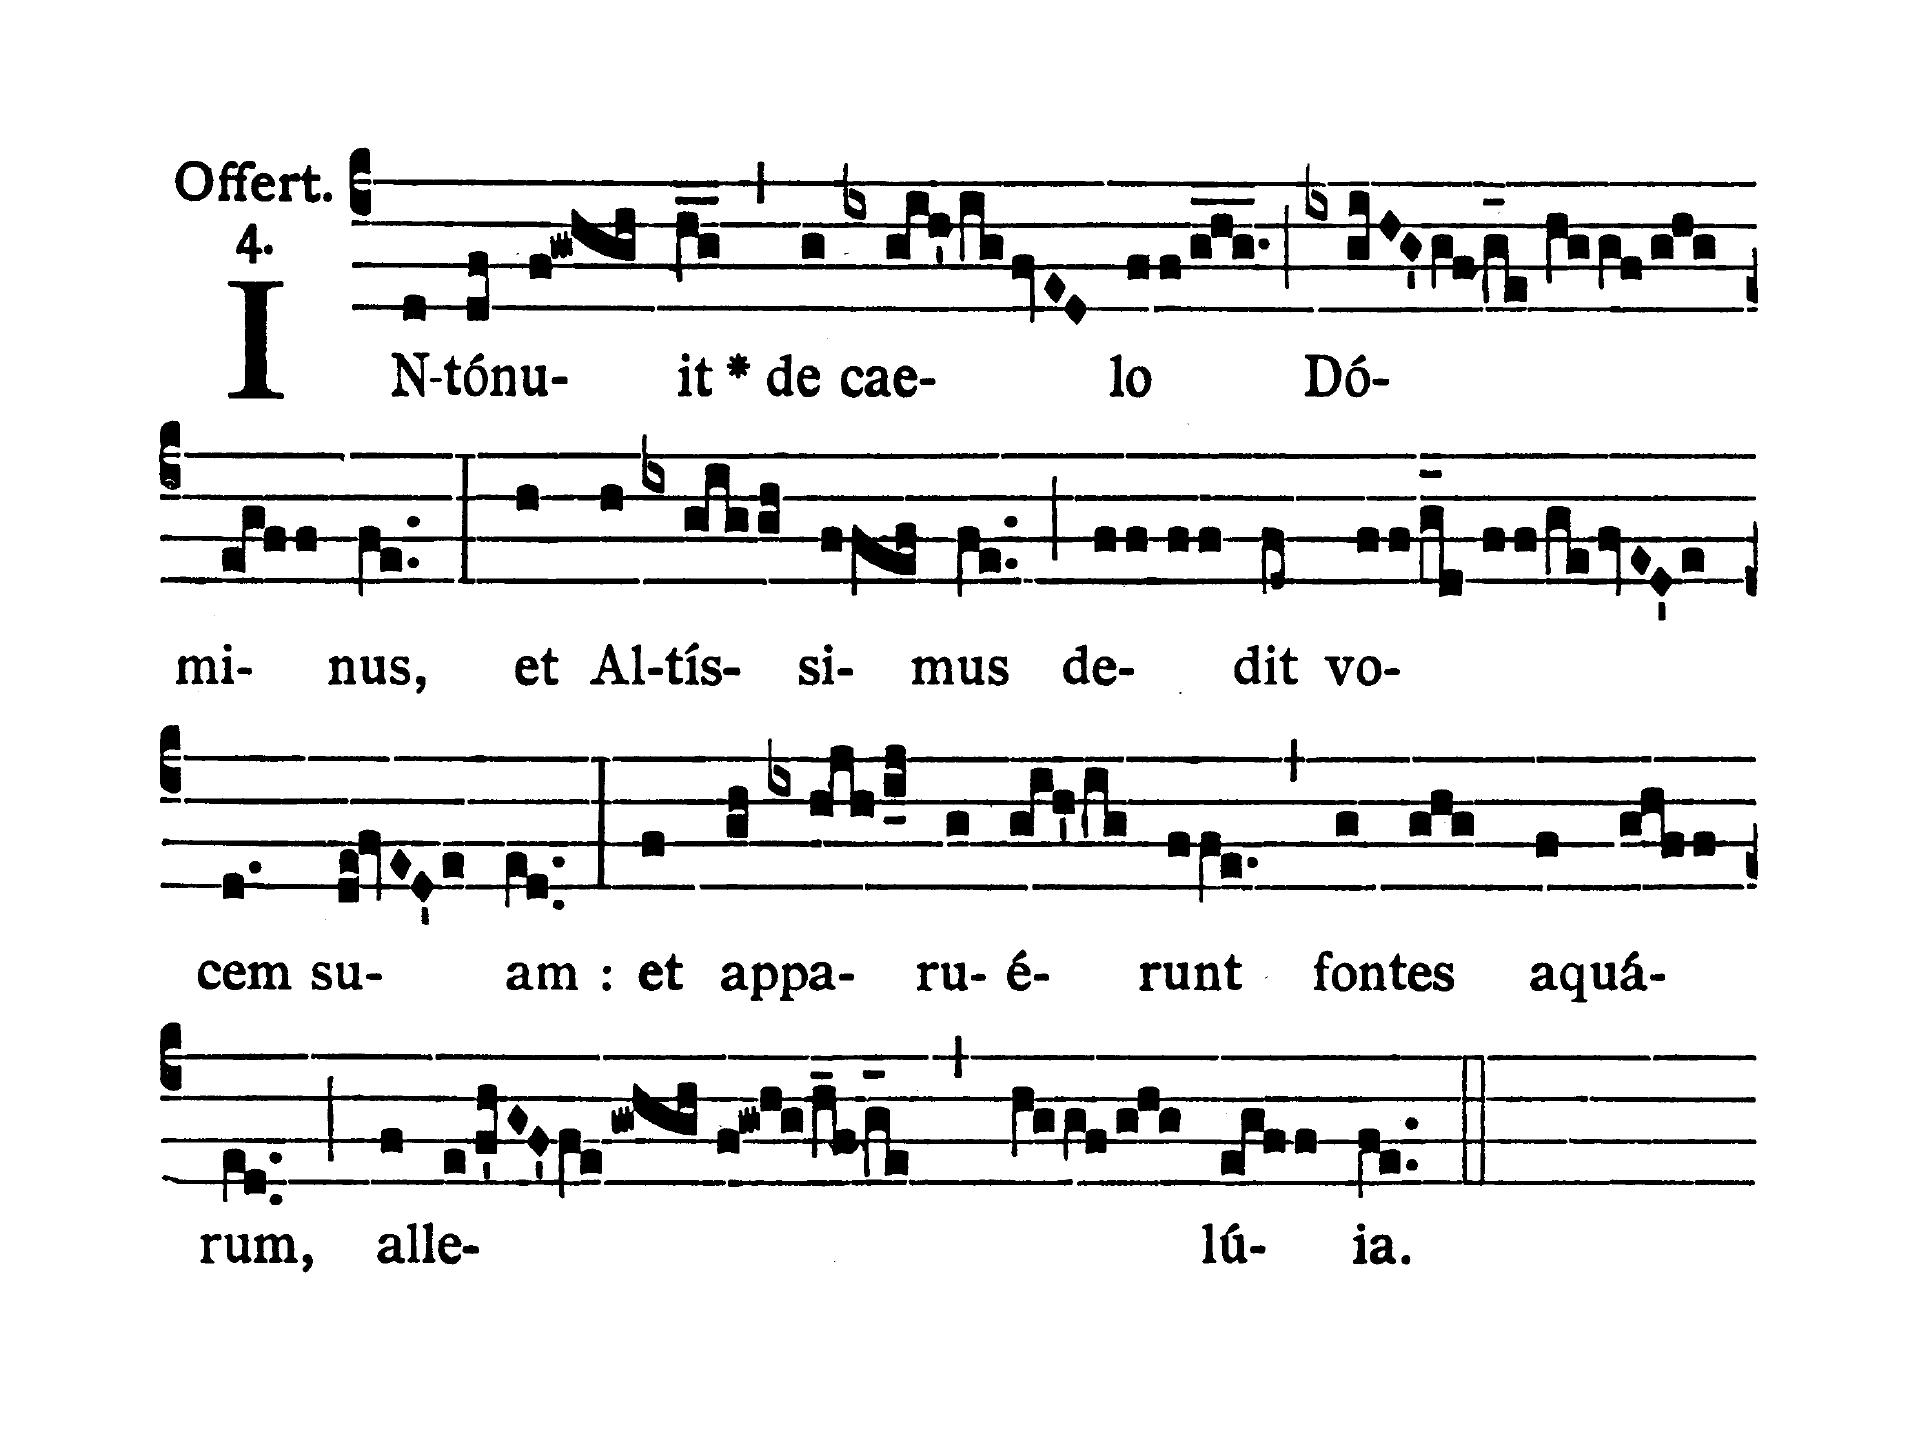 Feria secunda infra Octavam Pentecostes (Poniedziałek w oktawie Zesłania Ducha Świętego) - Offertorium (Intonuit de caelo)